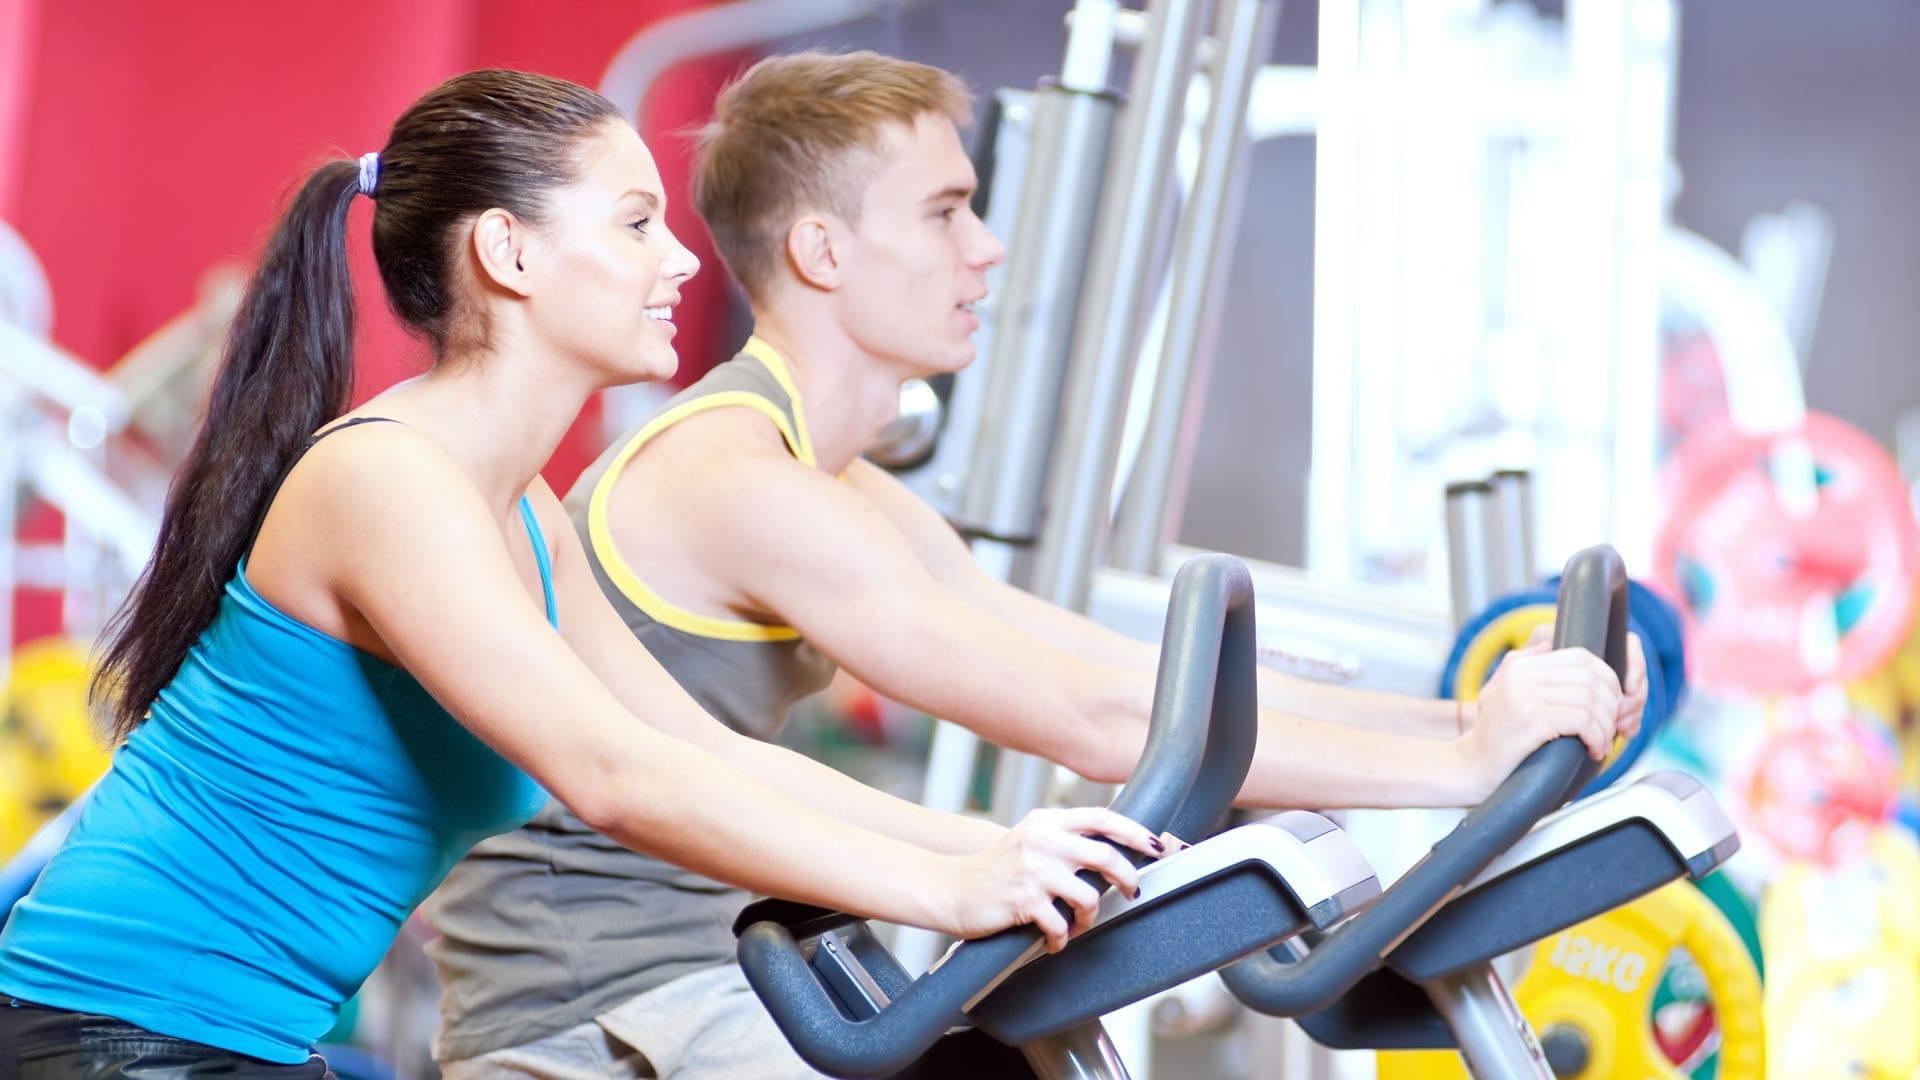 Resultado de imagen para personas haciendo ejercicio